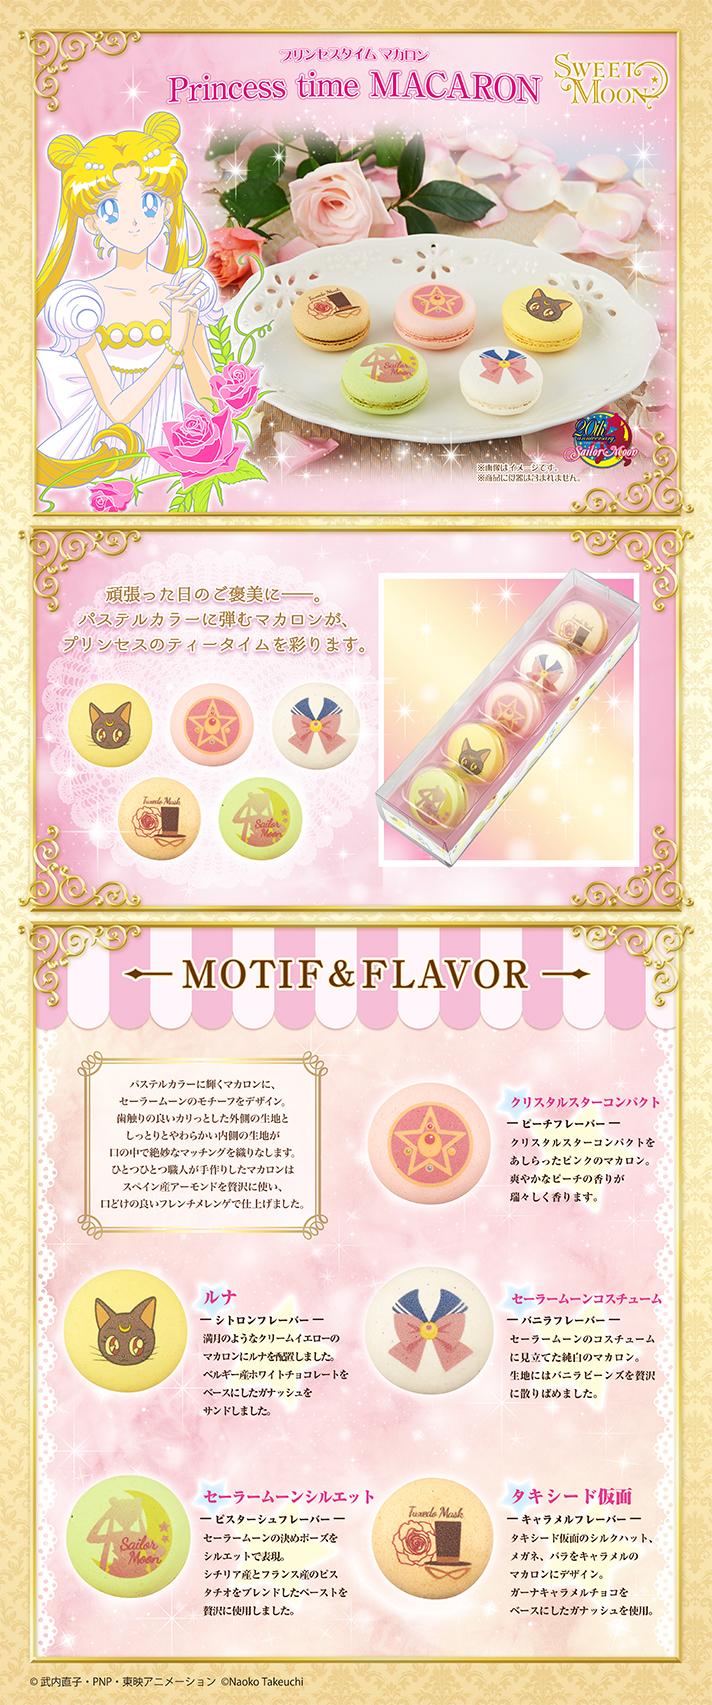 シュクレ キャラクテル SWEET MOON Princess time MACARON【プレミアムバンダイ限定】